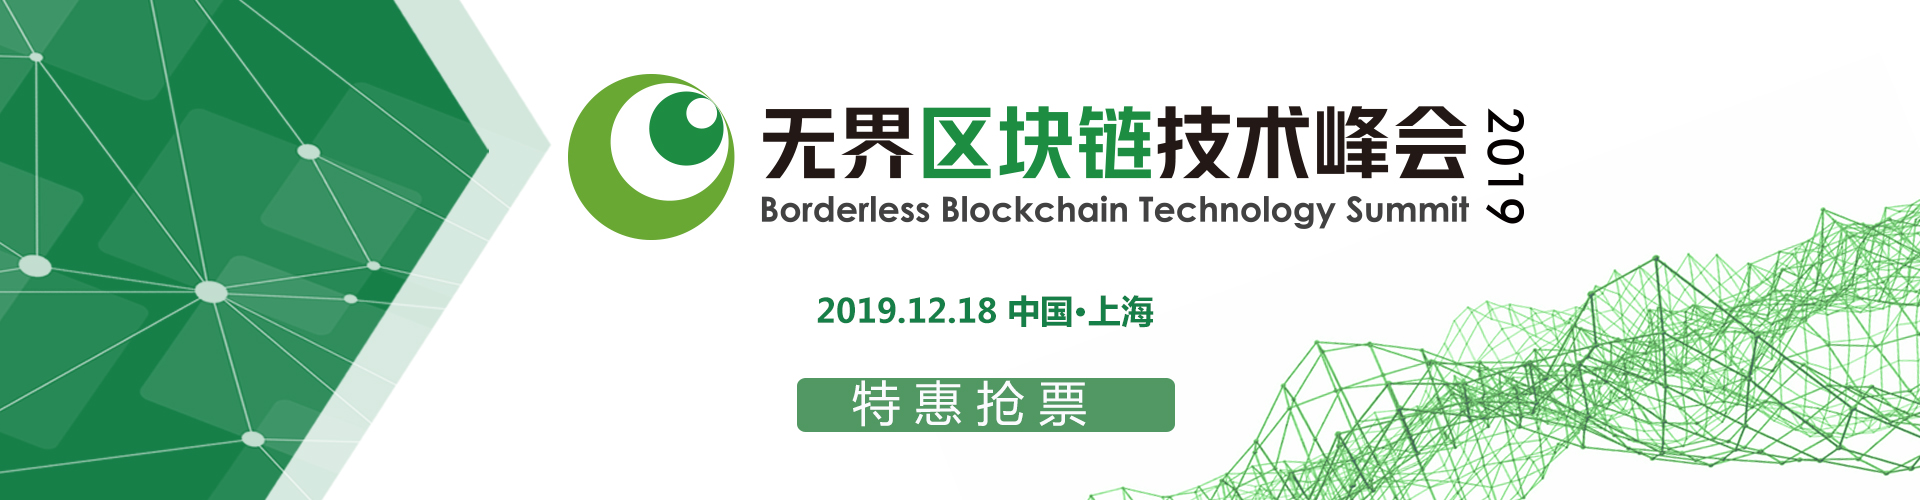 无界区块链技术峰会2019.12.18上海